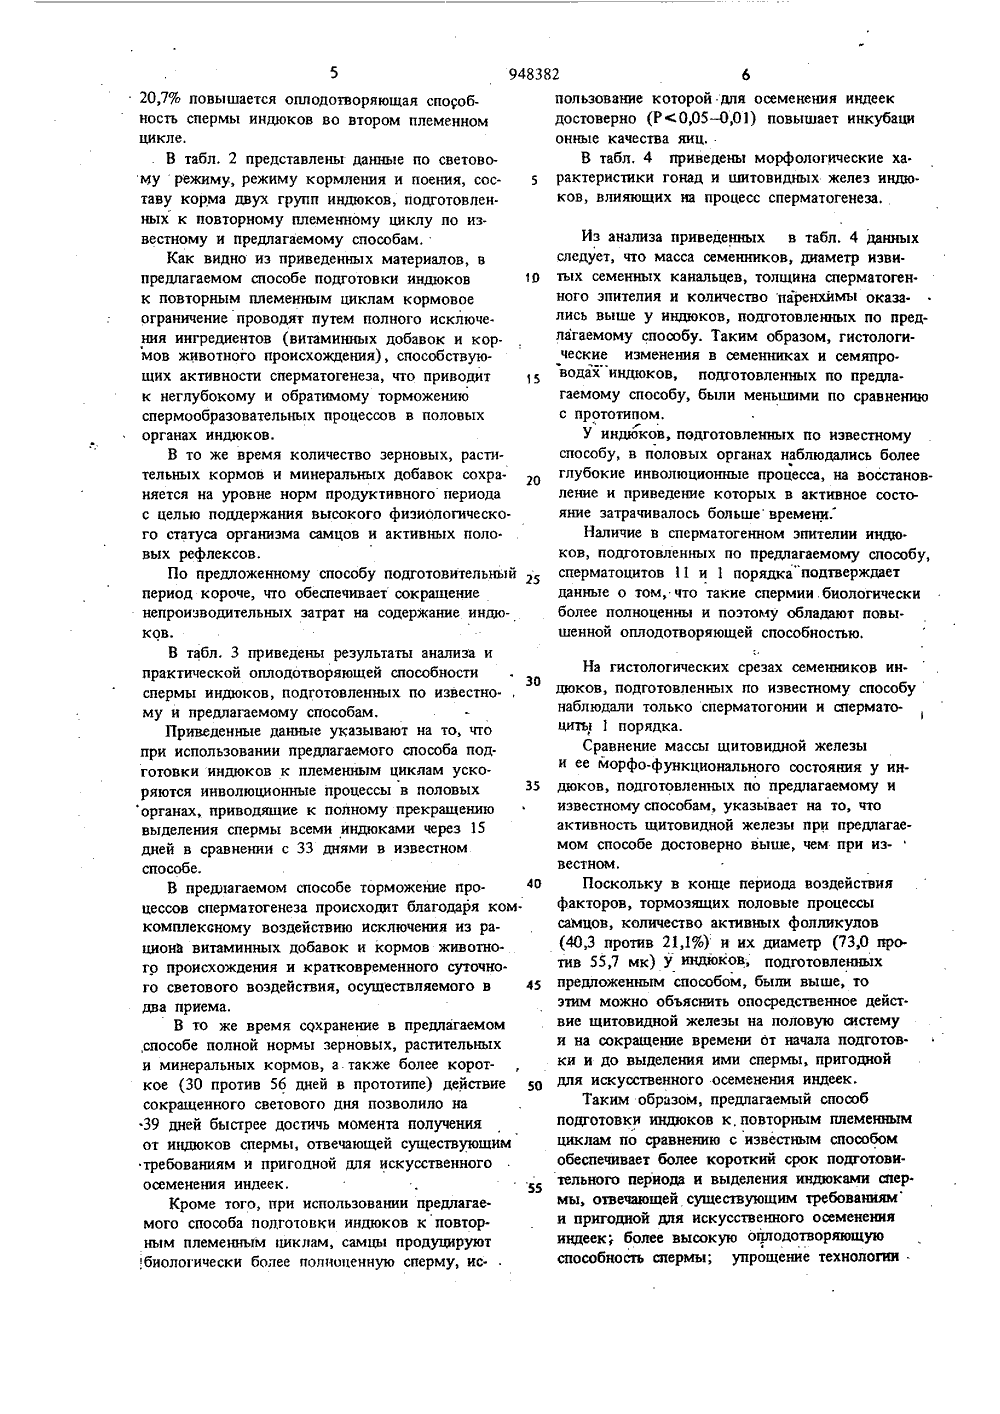 spermatogenez-u-indyukov